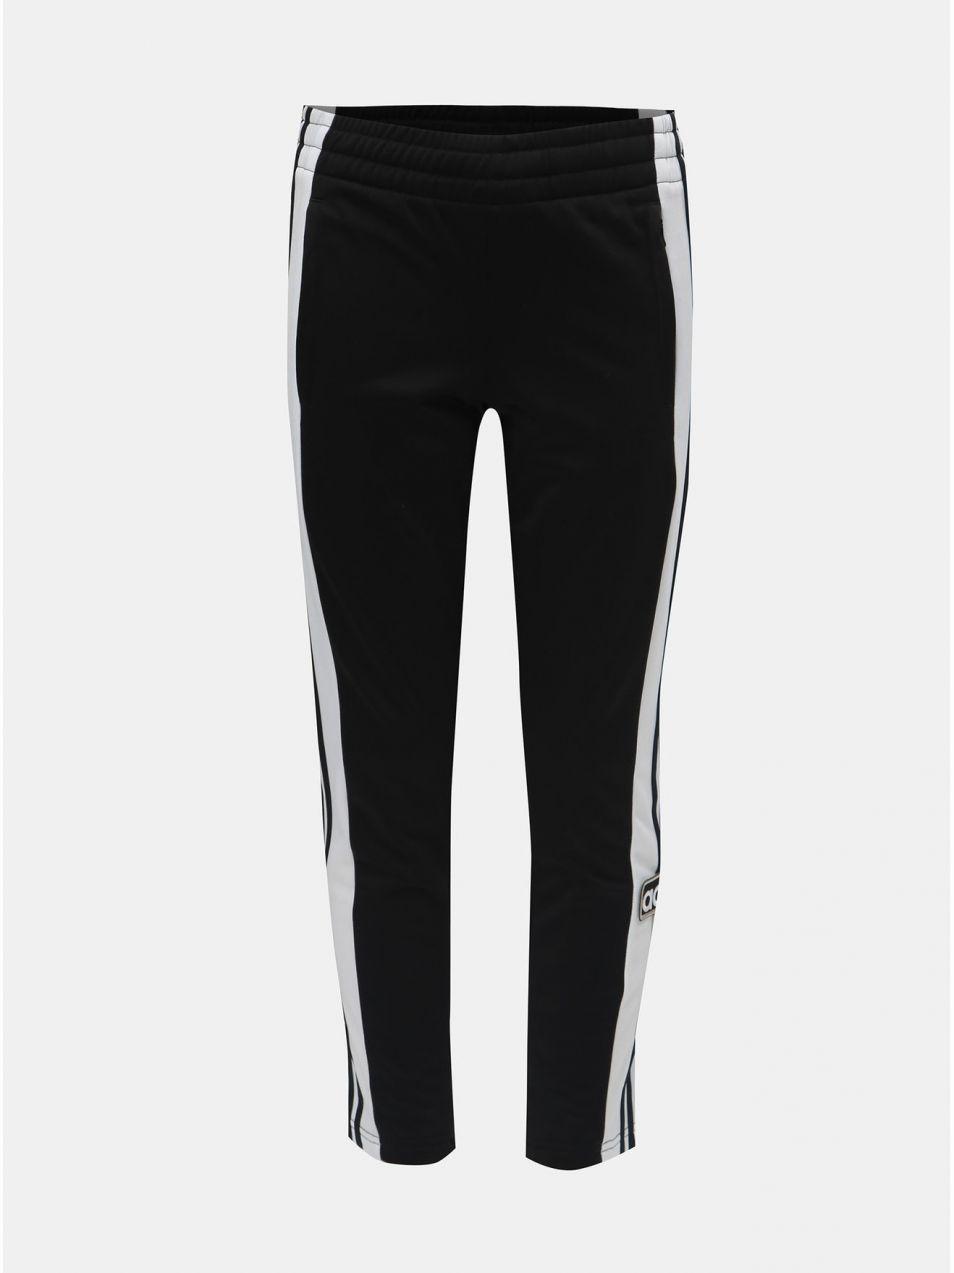 Bielo–čierne chlapčenské tepláky s nášivkou adidas Originals značky adidas  Originals - Lovely.sk c7542076430